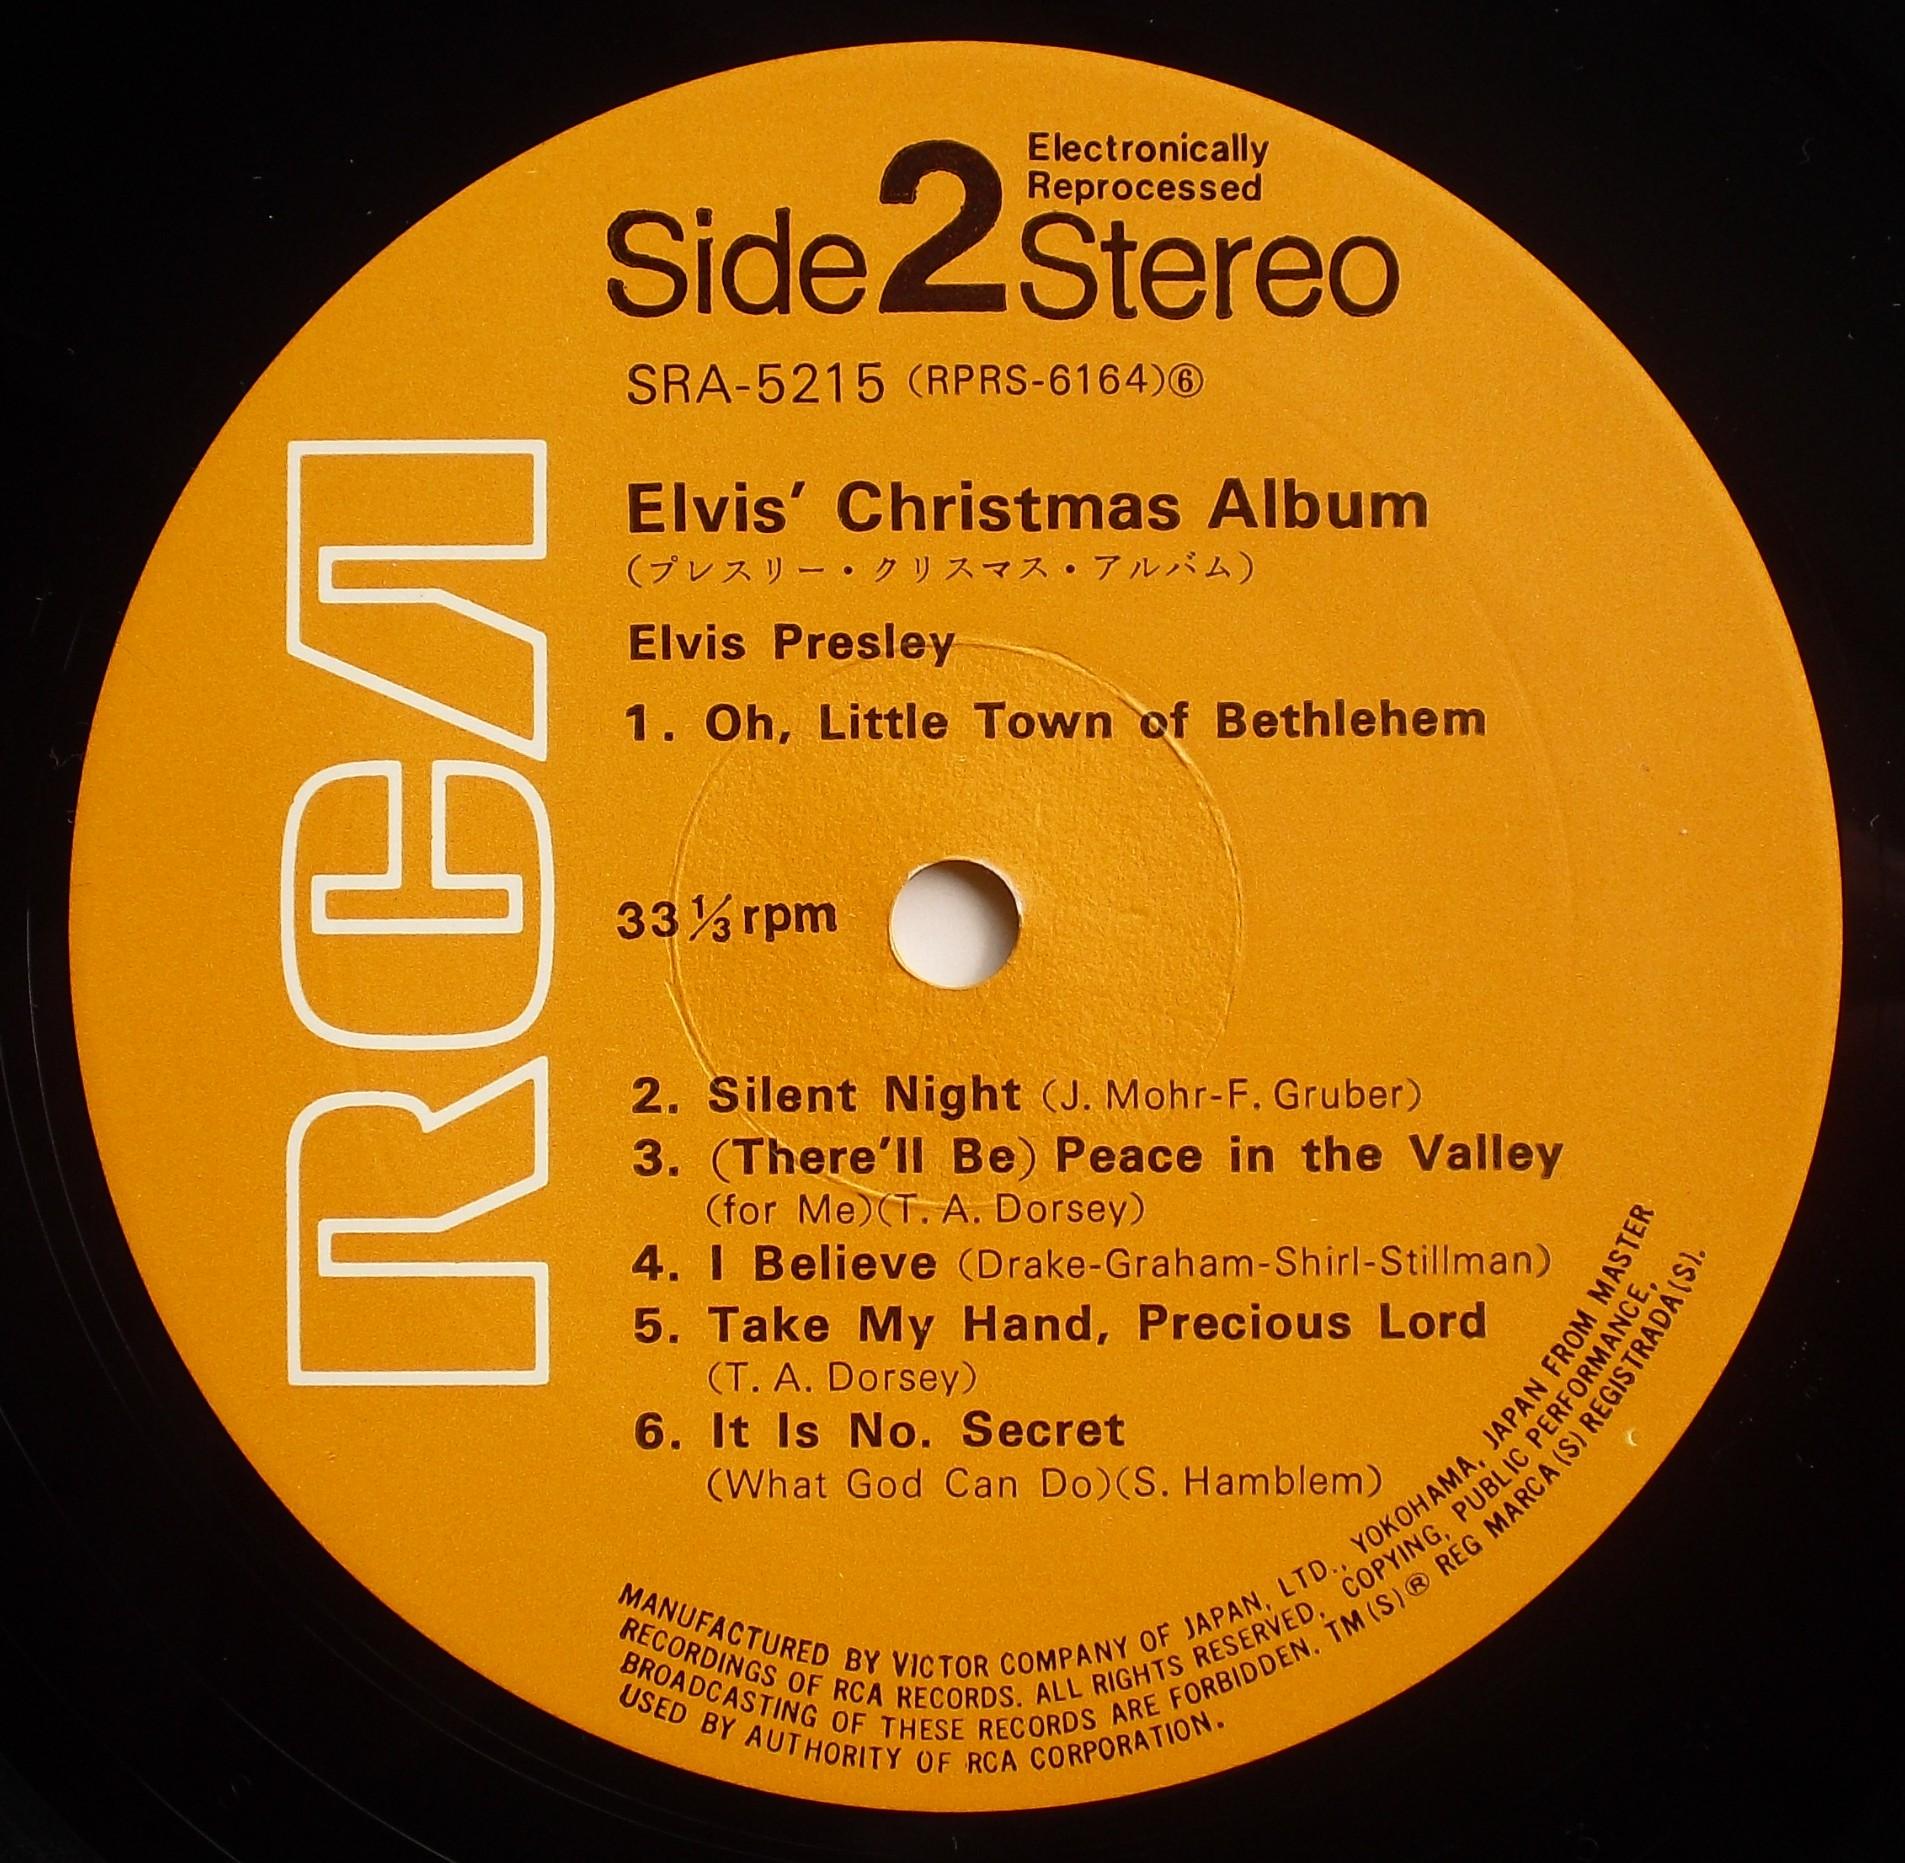 ELVIS' CHRISTMAS ALBUM 05s2f3sfx